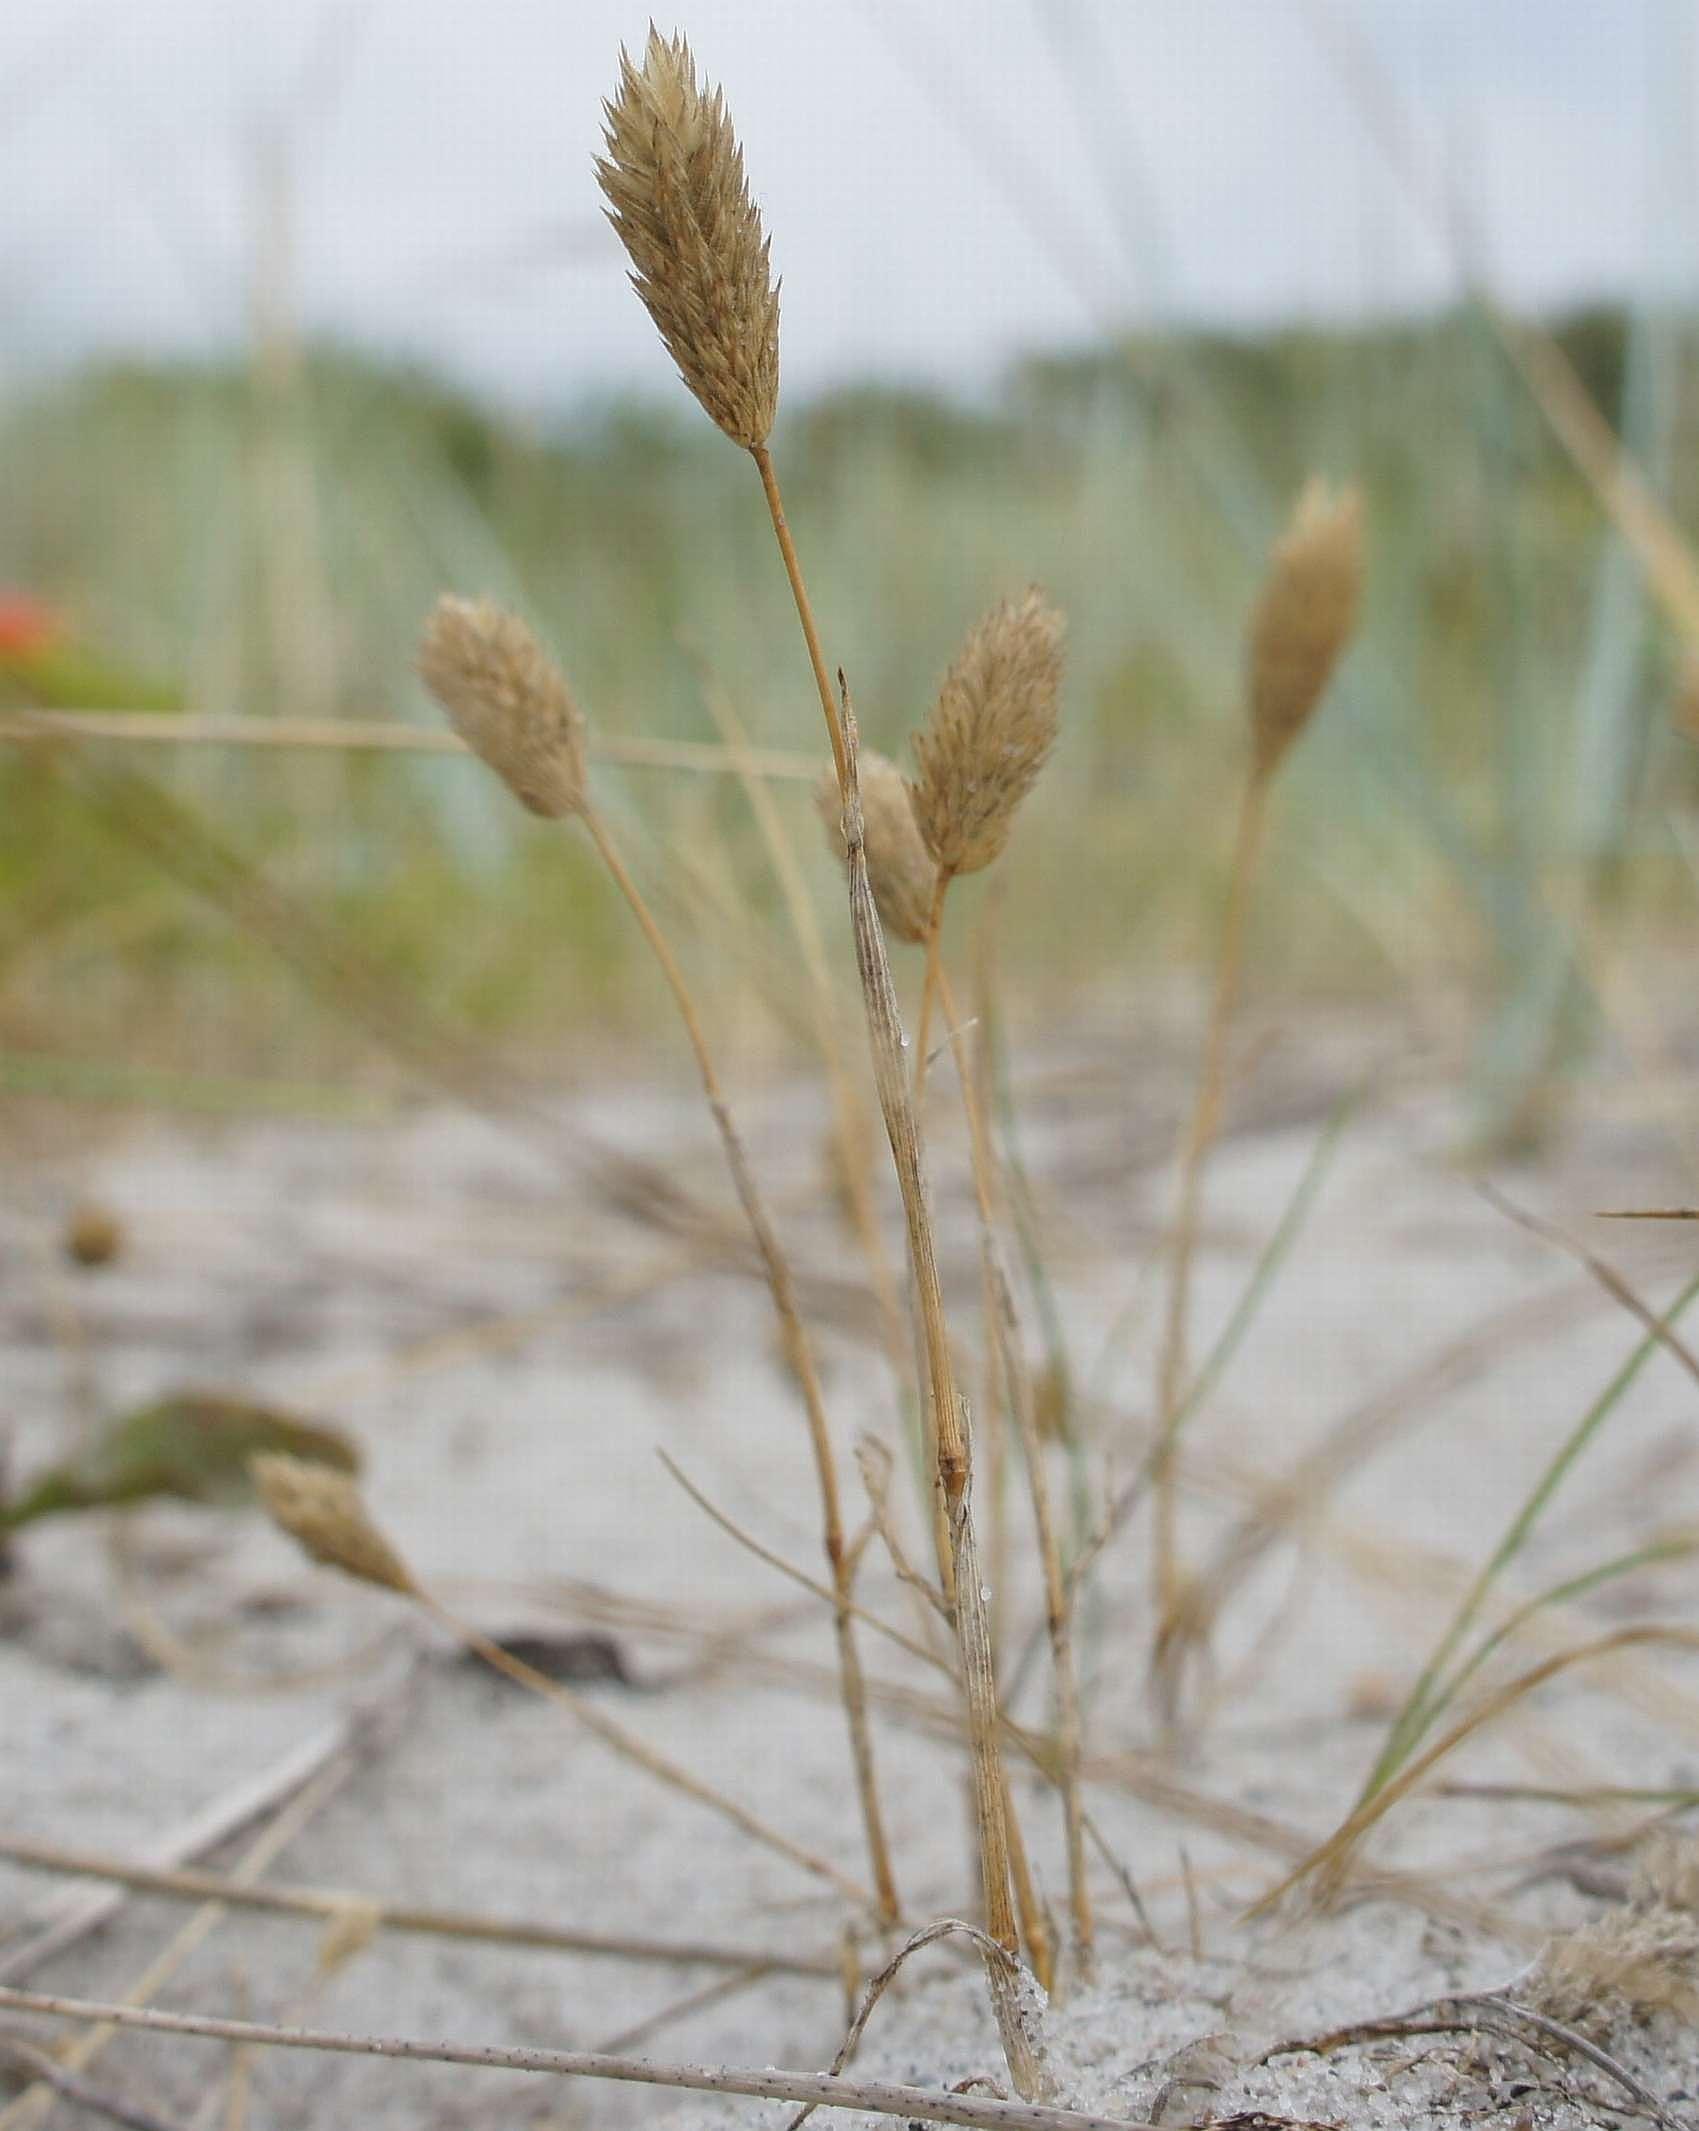 Sand-Rottehale (Phleum arenarium)